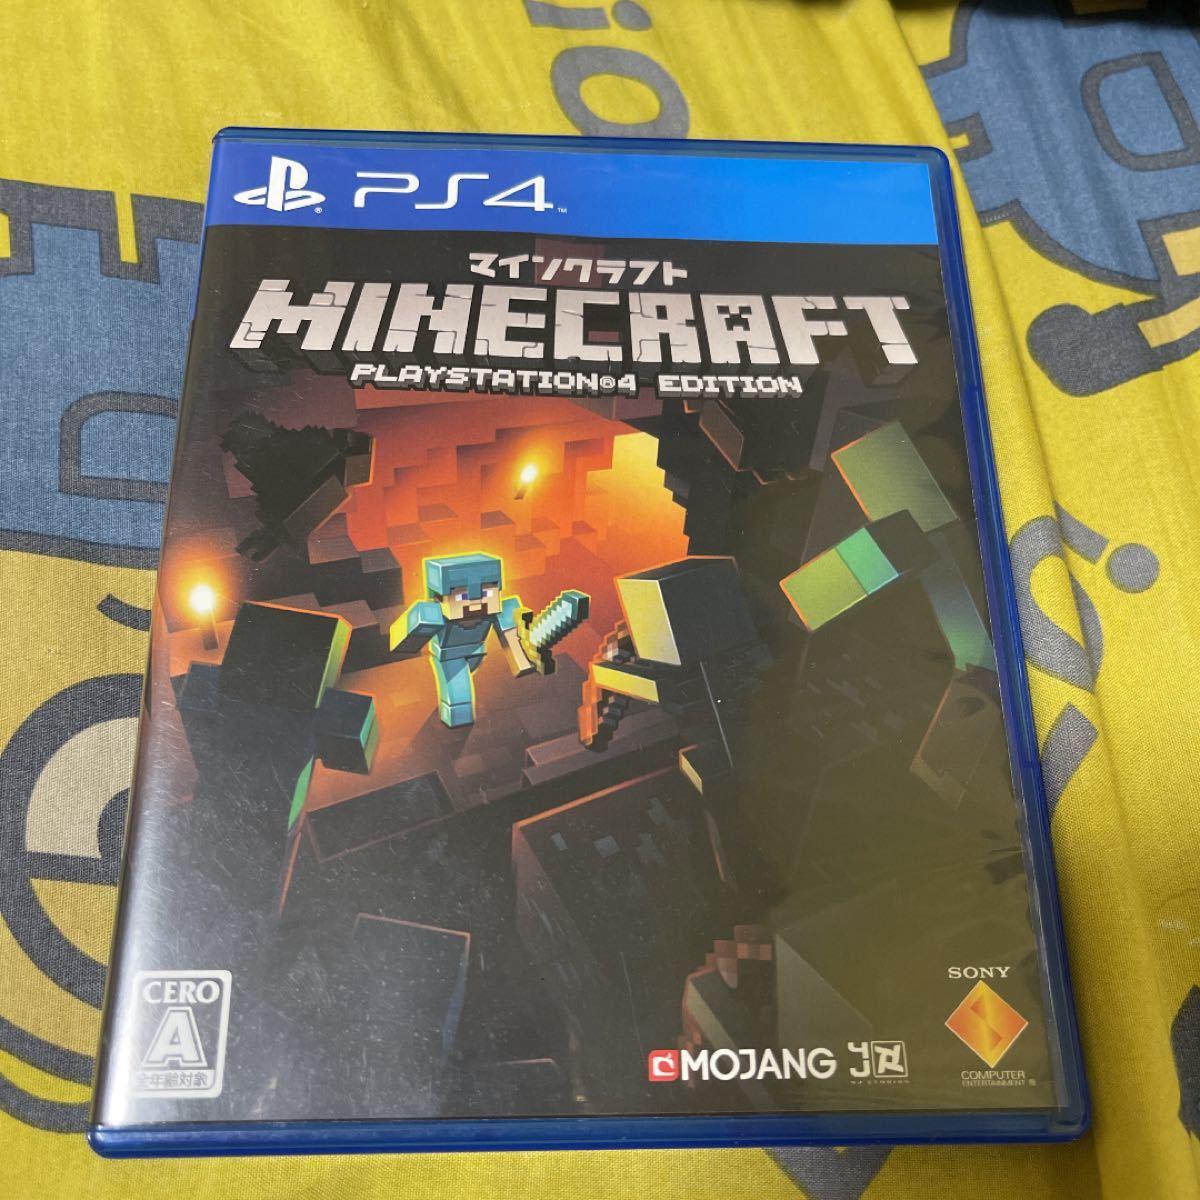 PS4マインクラフト Minecraft マインクラフト PlayStation4 マイクラ EDITION